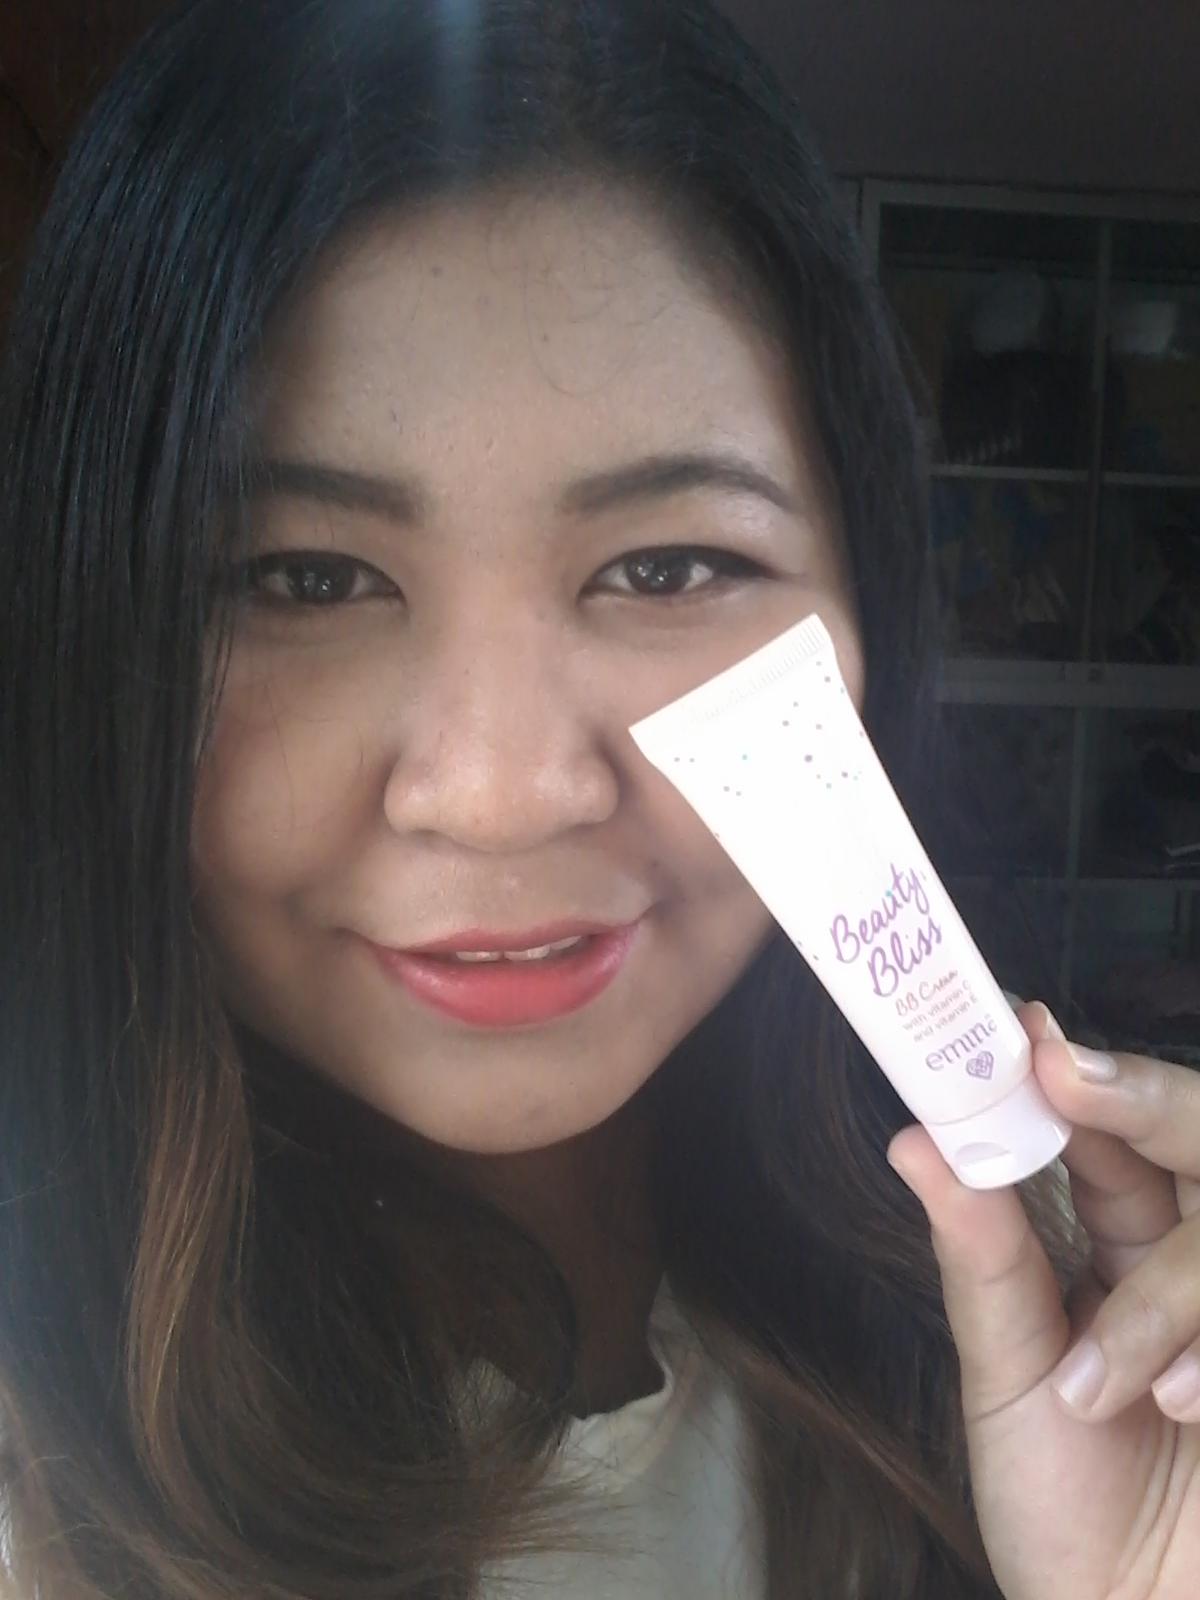 Review Emina Cosmetic Beauty Bliss Bb Cream Vina Says Natural Tapi Setelah Pake Produk Ini Muncul Jerawat Besar Di Dagu Jadi Aku Stop Takutnya Buat Break Out Eh Ternyata Kedatangan Tamu